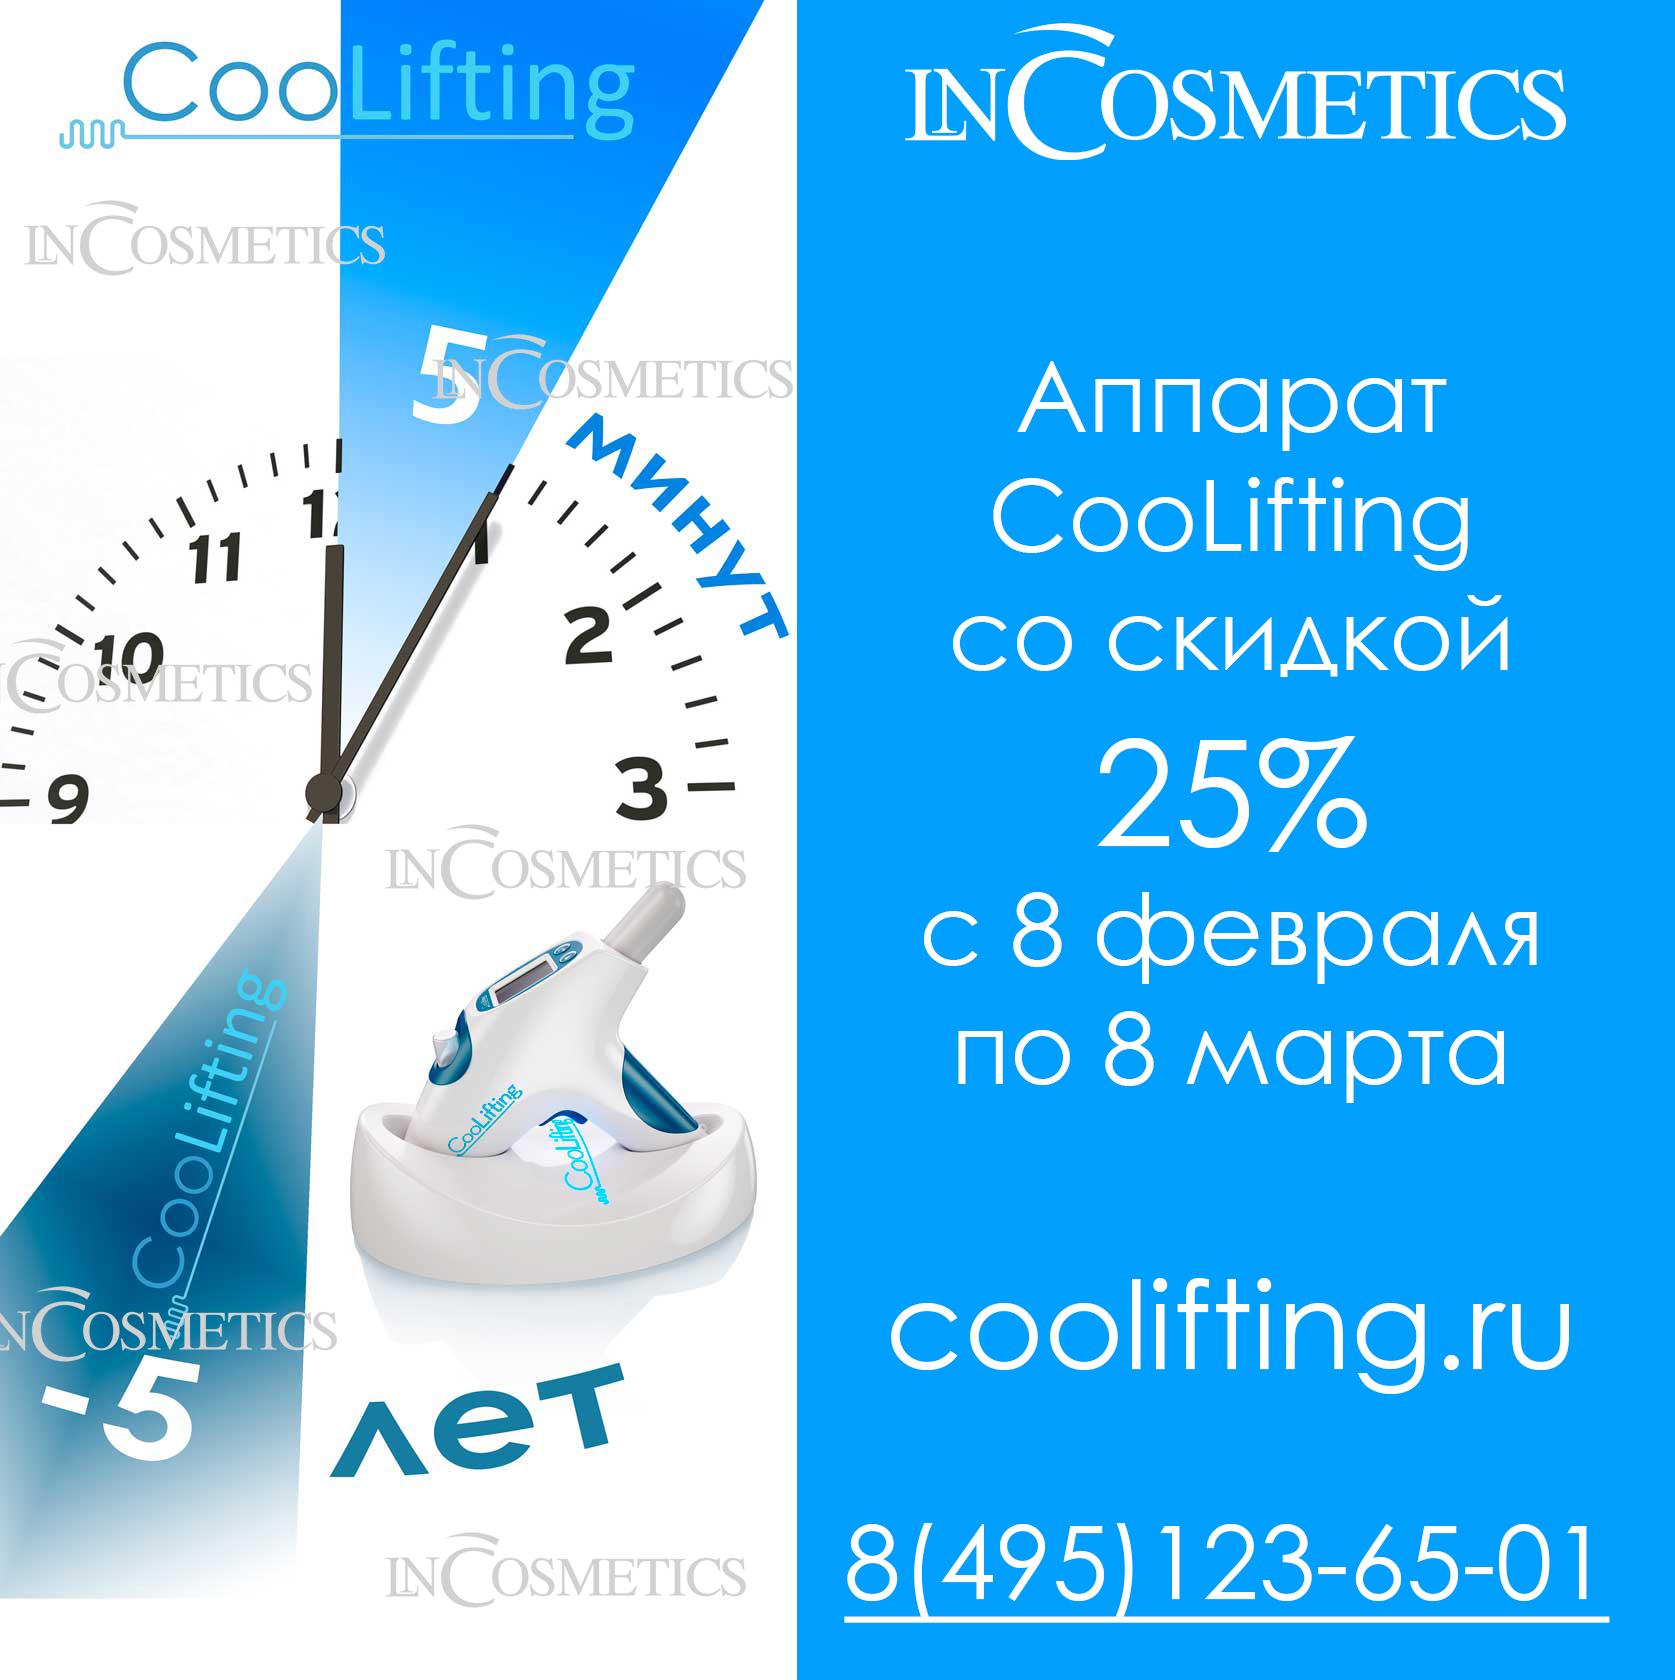 Coolifting акция